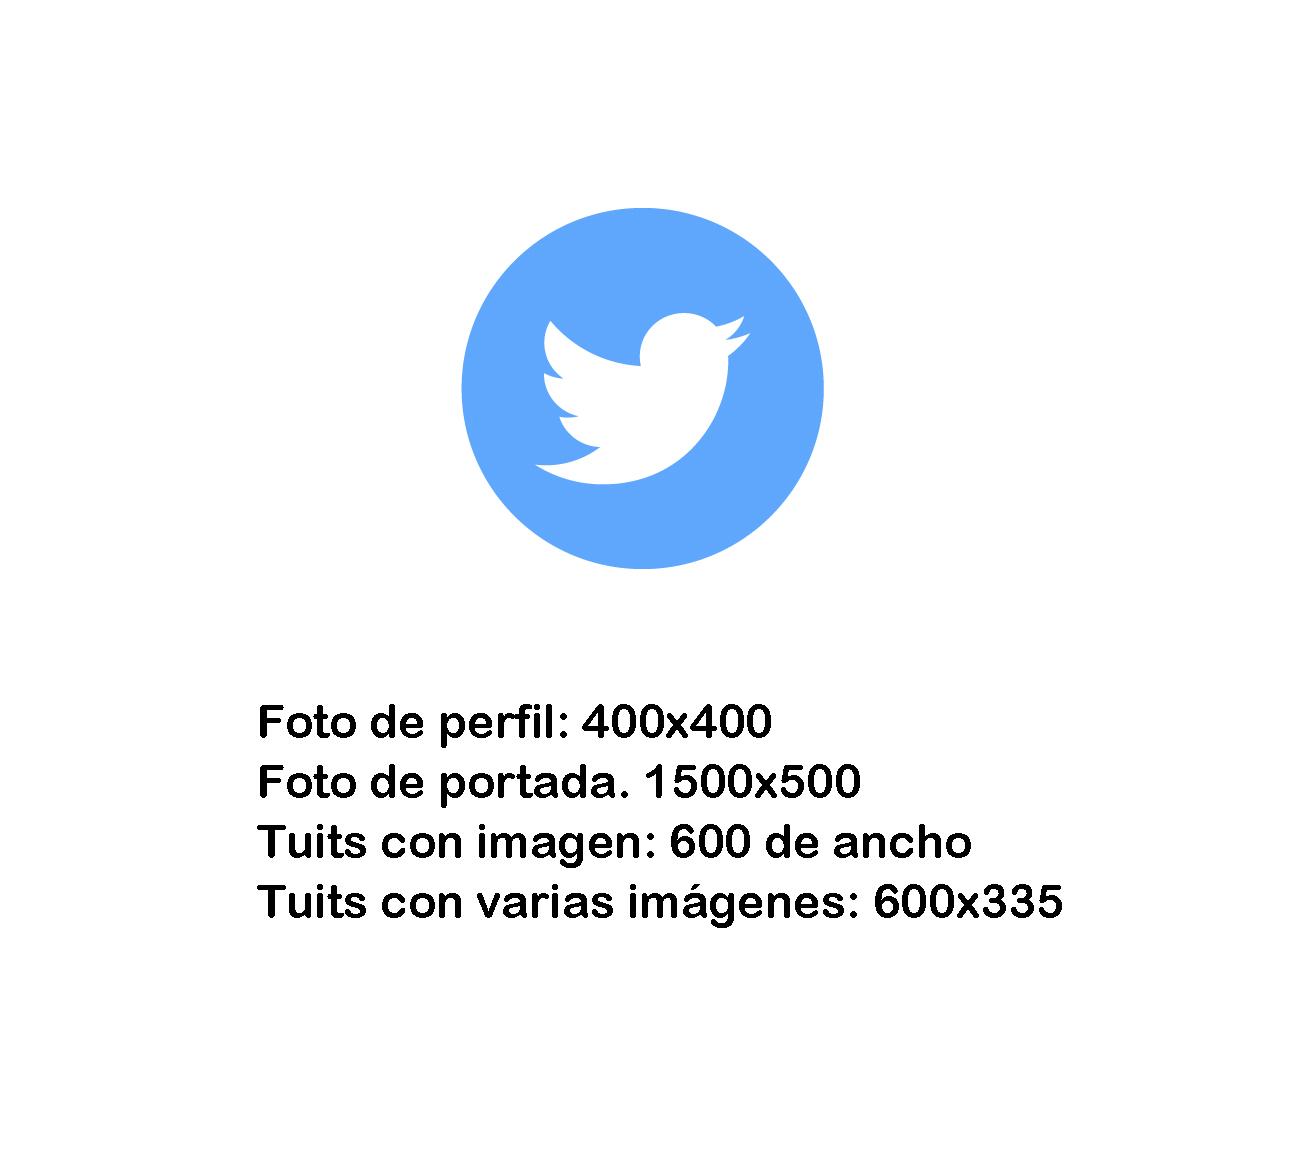 imágenes de redes sociales3